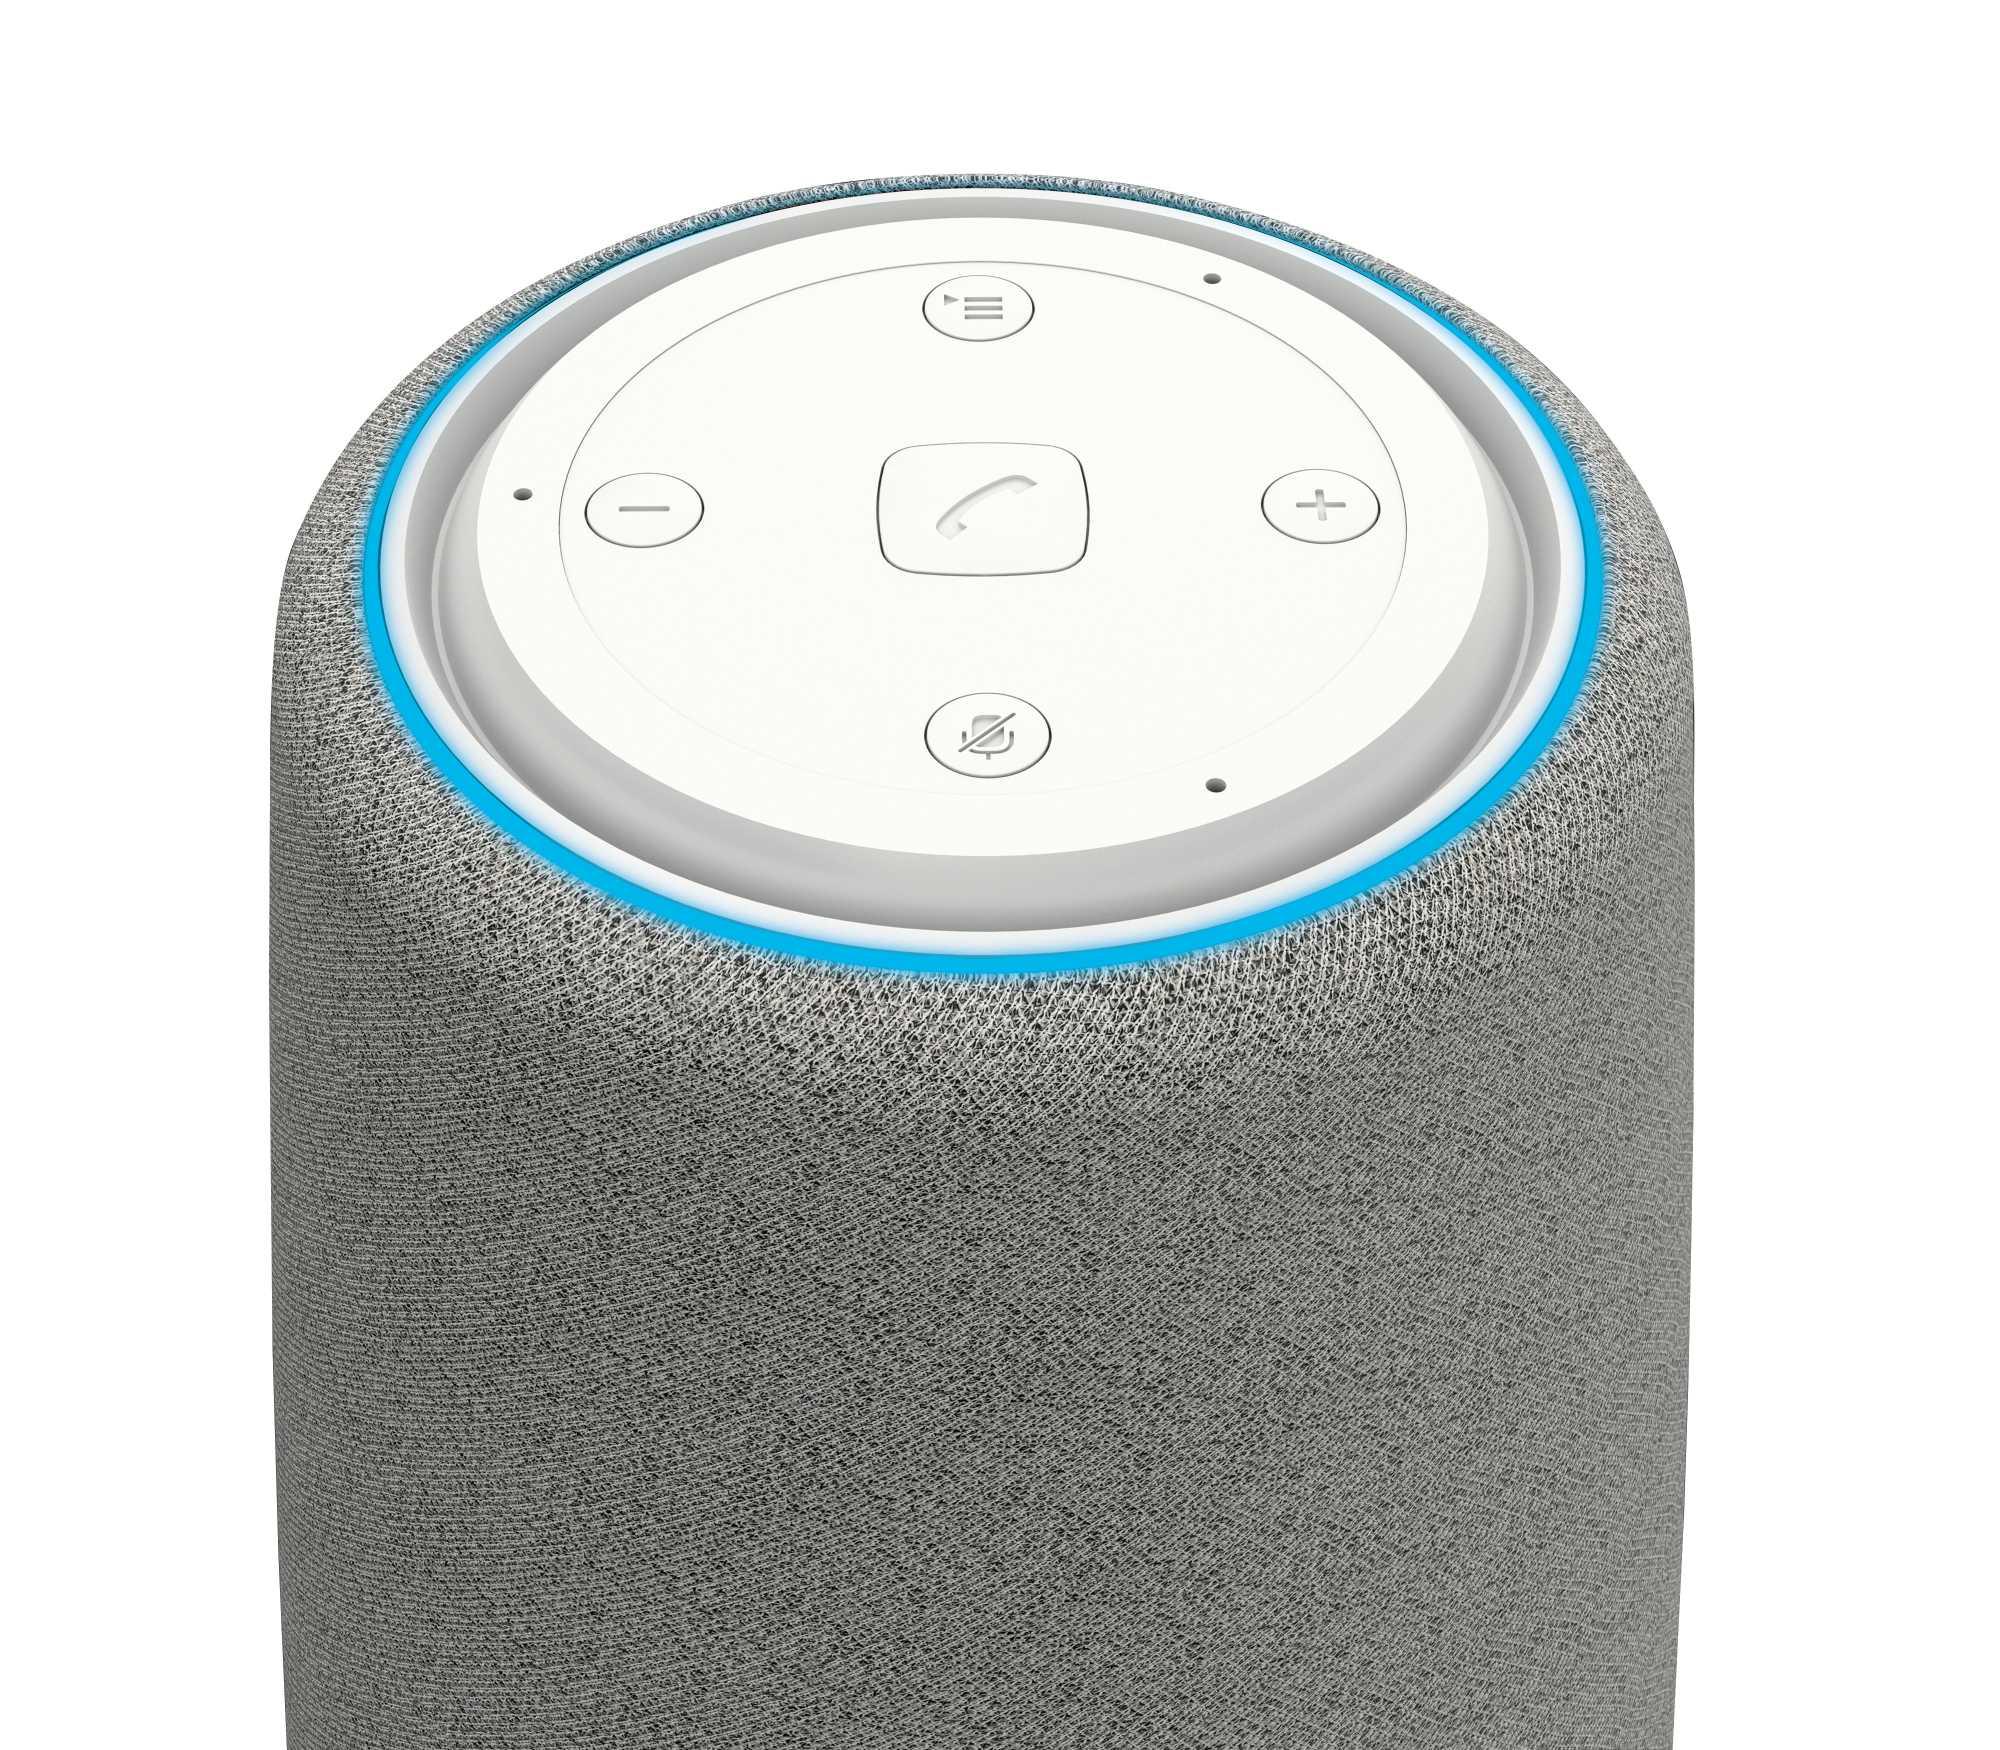 Die drei Mikrofone des Gigaset-Lautsprechers lassen sich per Knopfdruck abschalten.